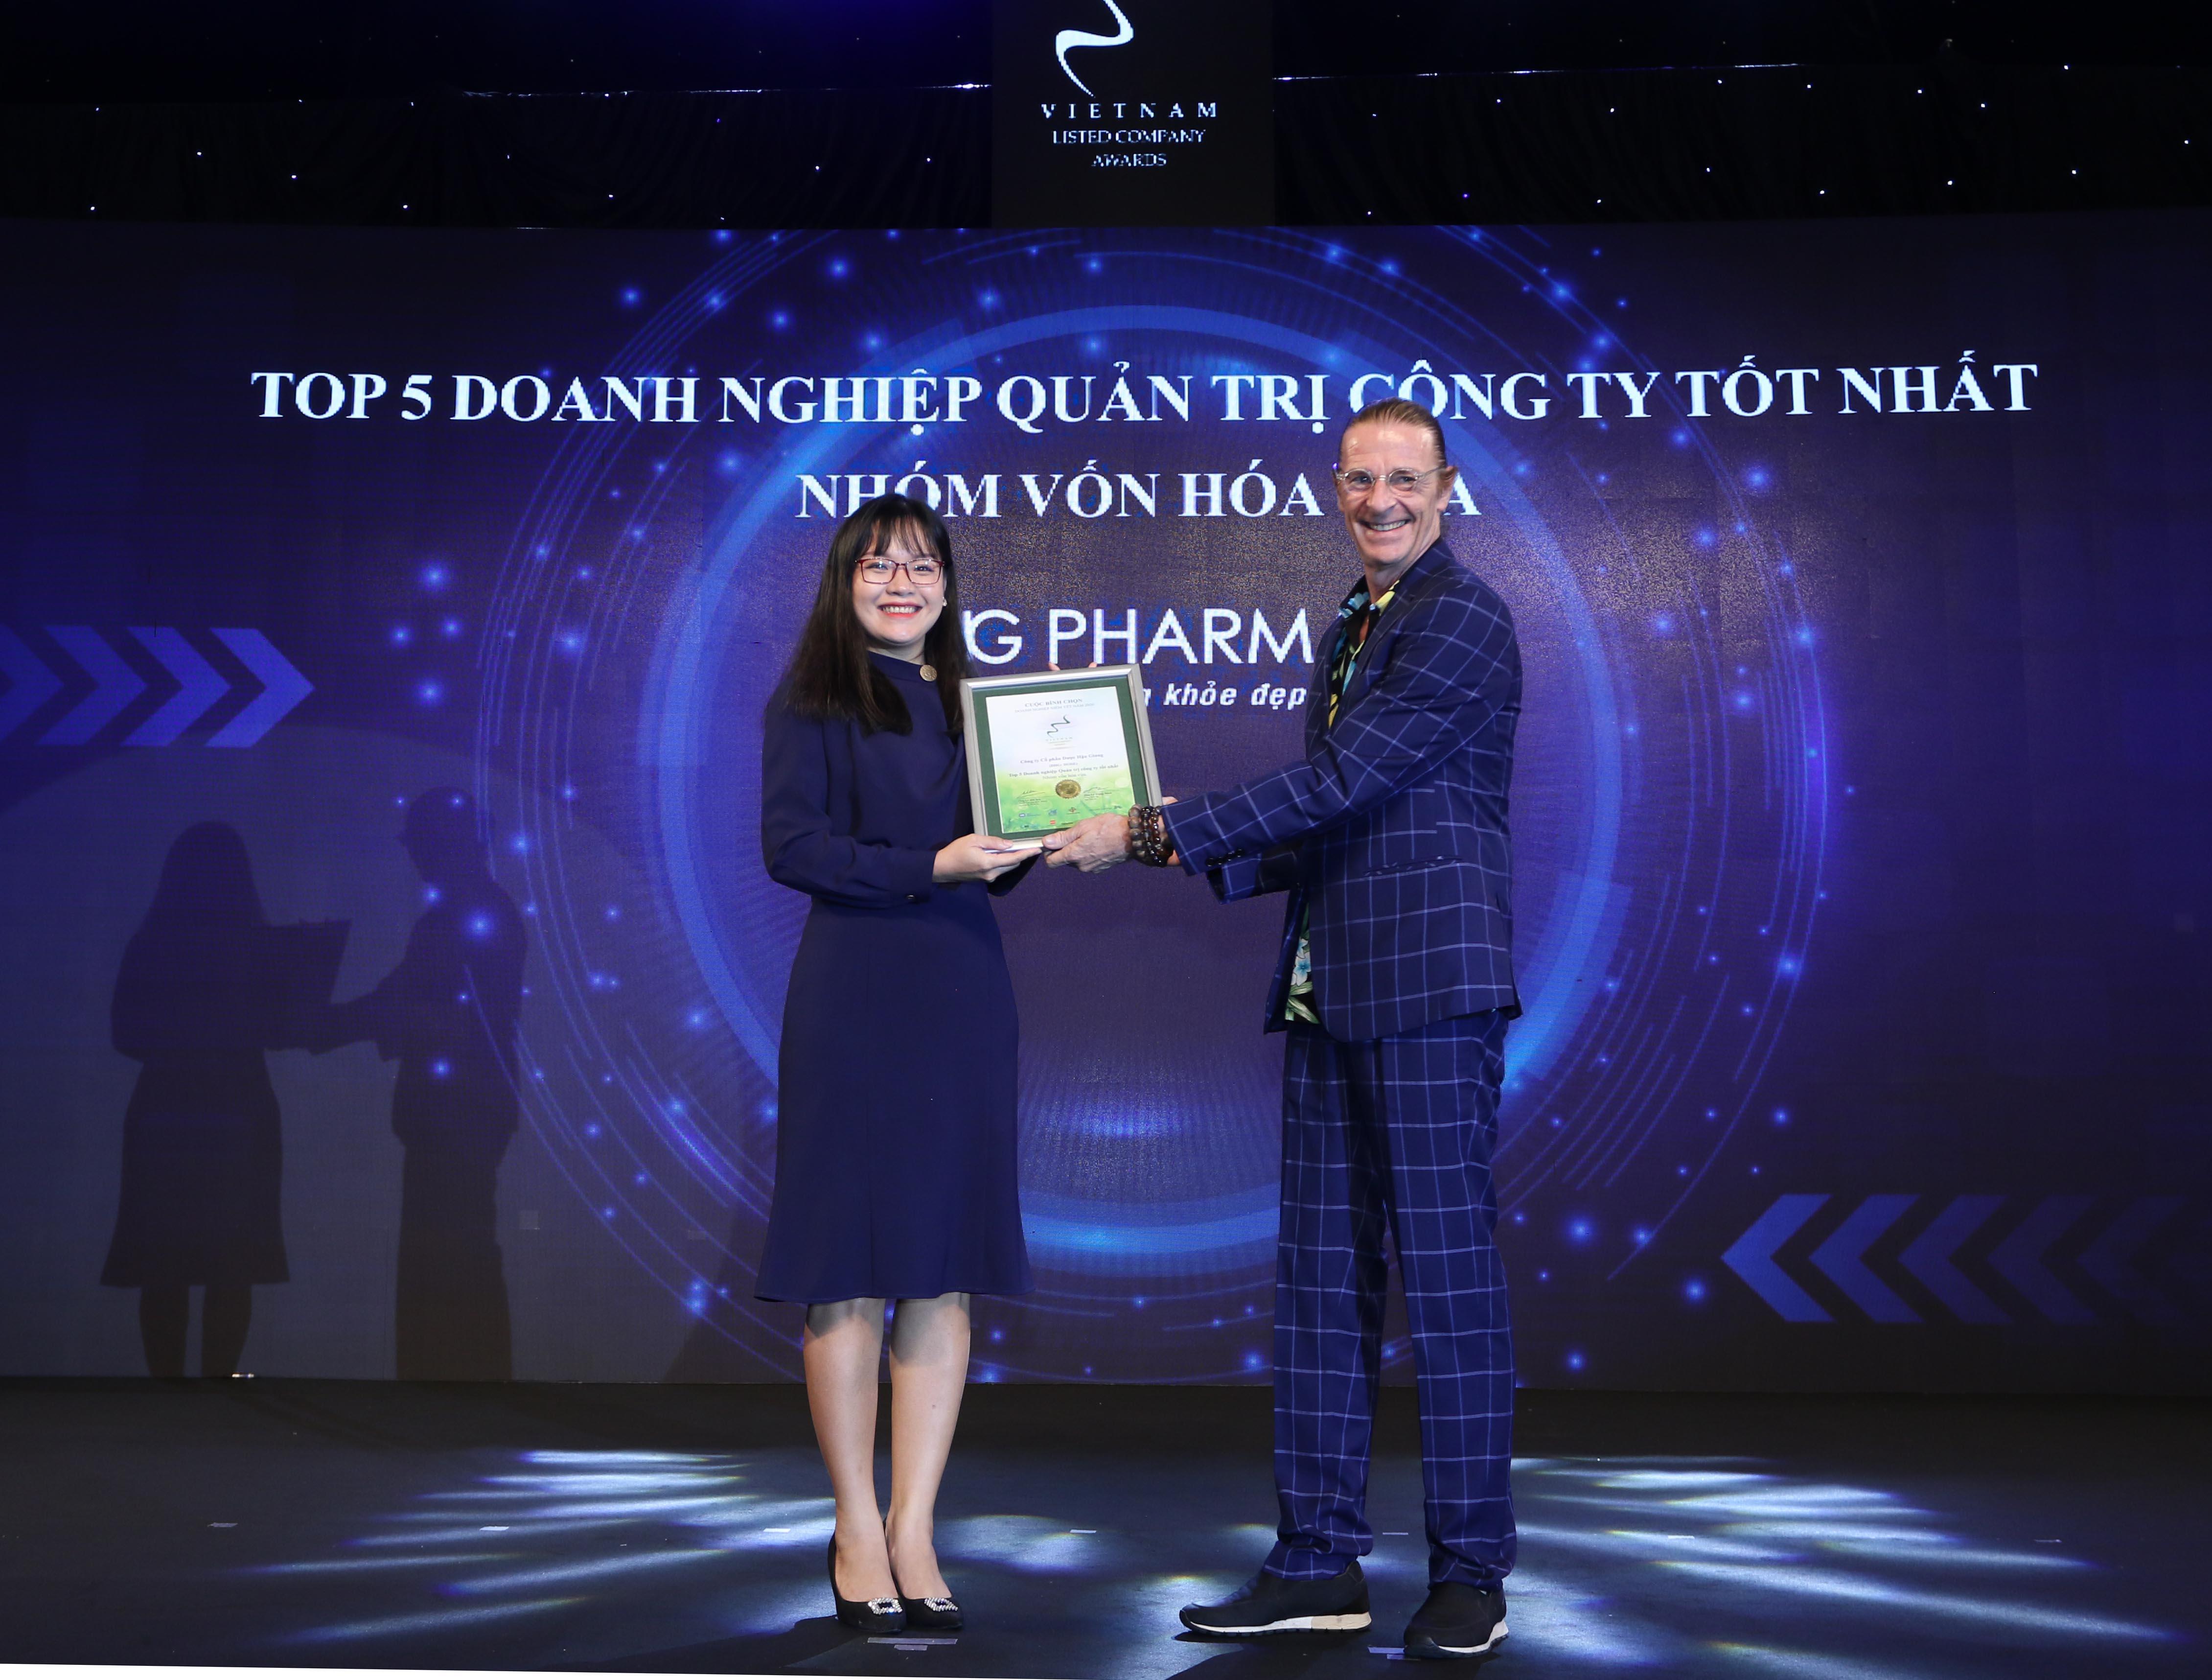 https://www.aravietnam.vn/wp-content/uploads/2020/12/53_Dại-diện-CTCP-Dược-Hậu-Giang-nhận-TOP-5-Doanh-nghiệp-quản-trị-công-ty-tốt-nhất-nhóm-vốn-hóa-vừa.jpg